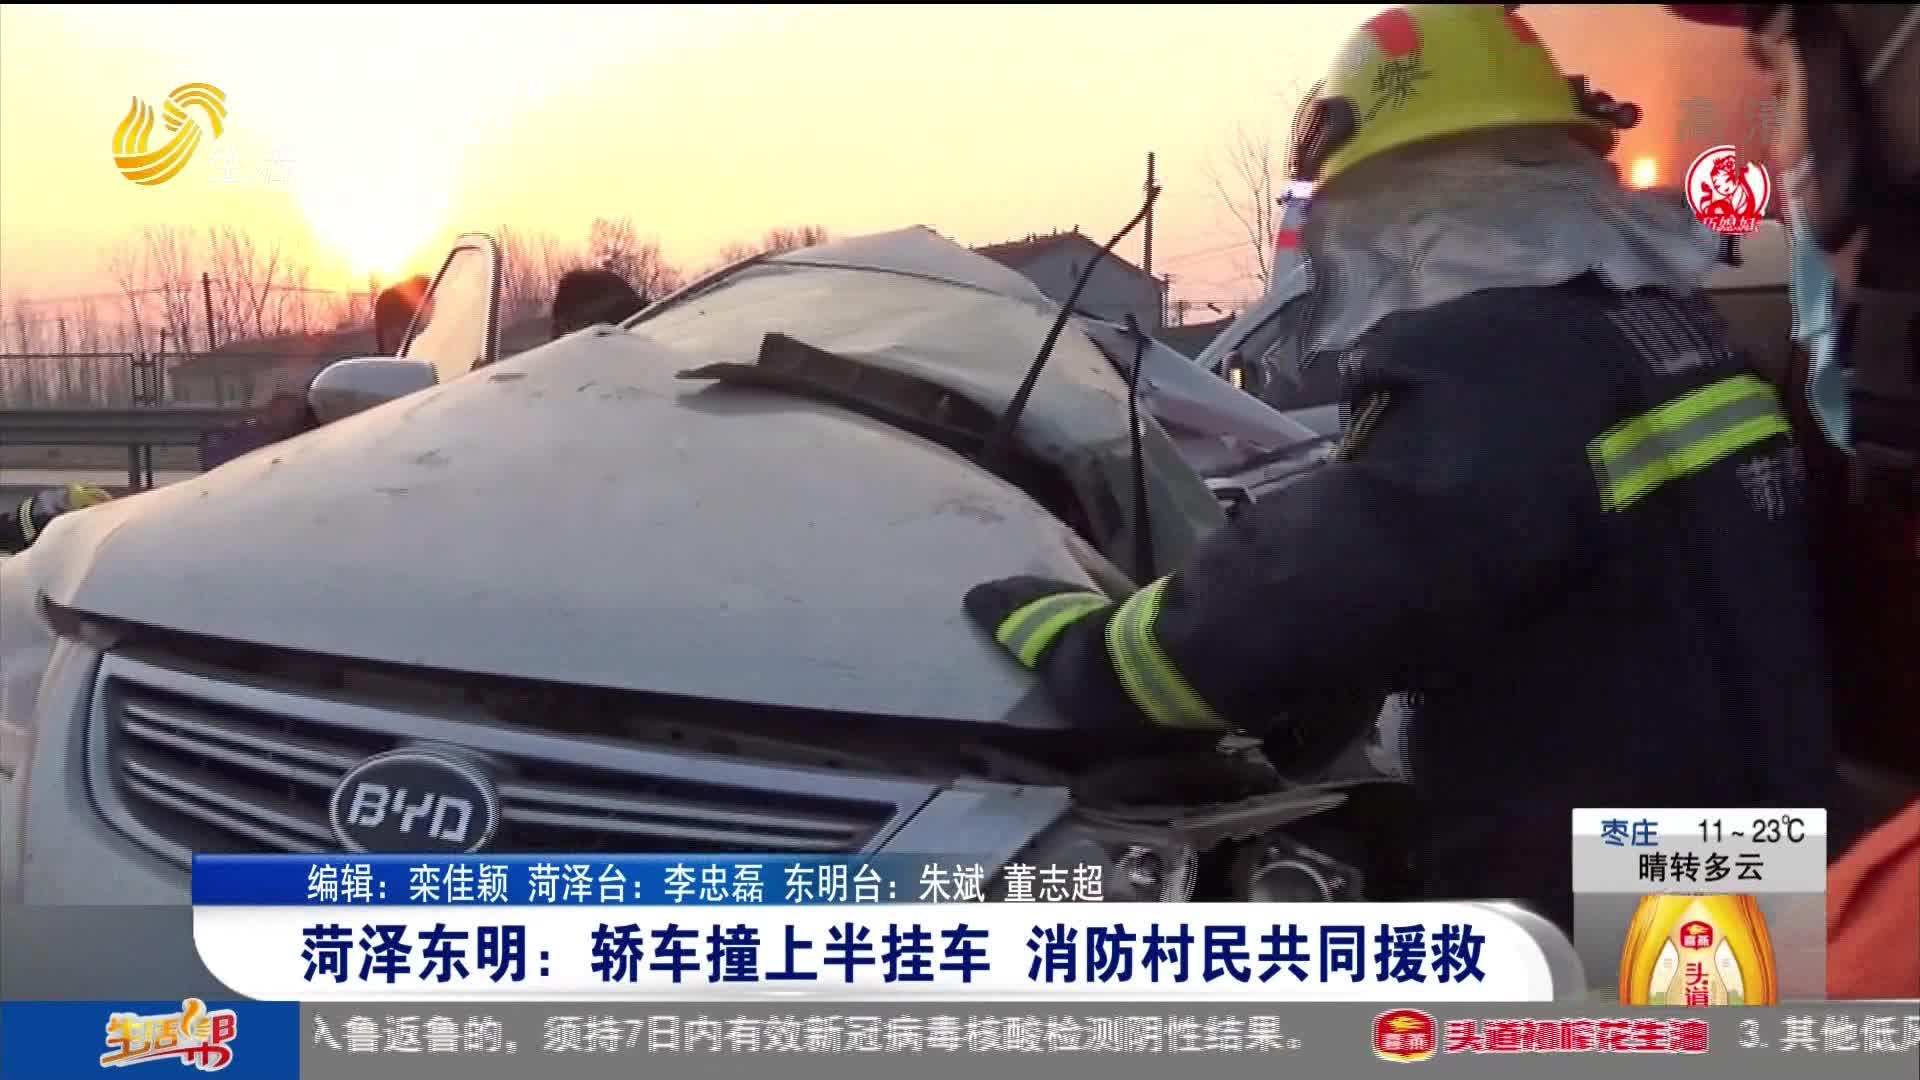 菏泽东明:轿车撞上半挂车 消防村民共同援救